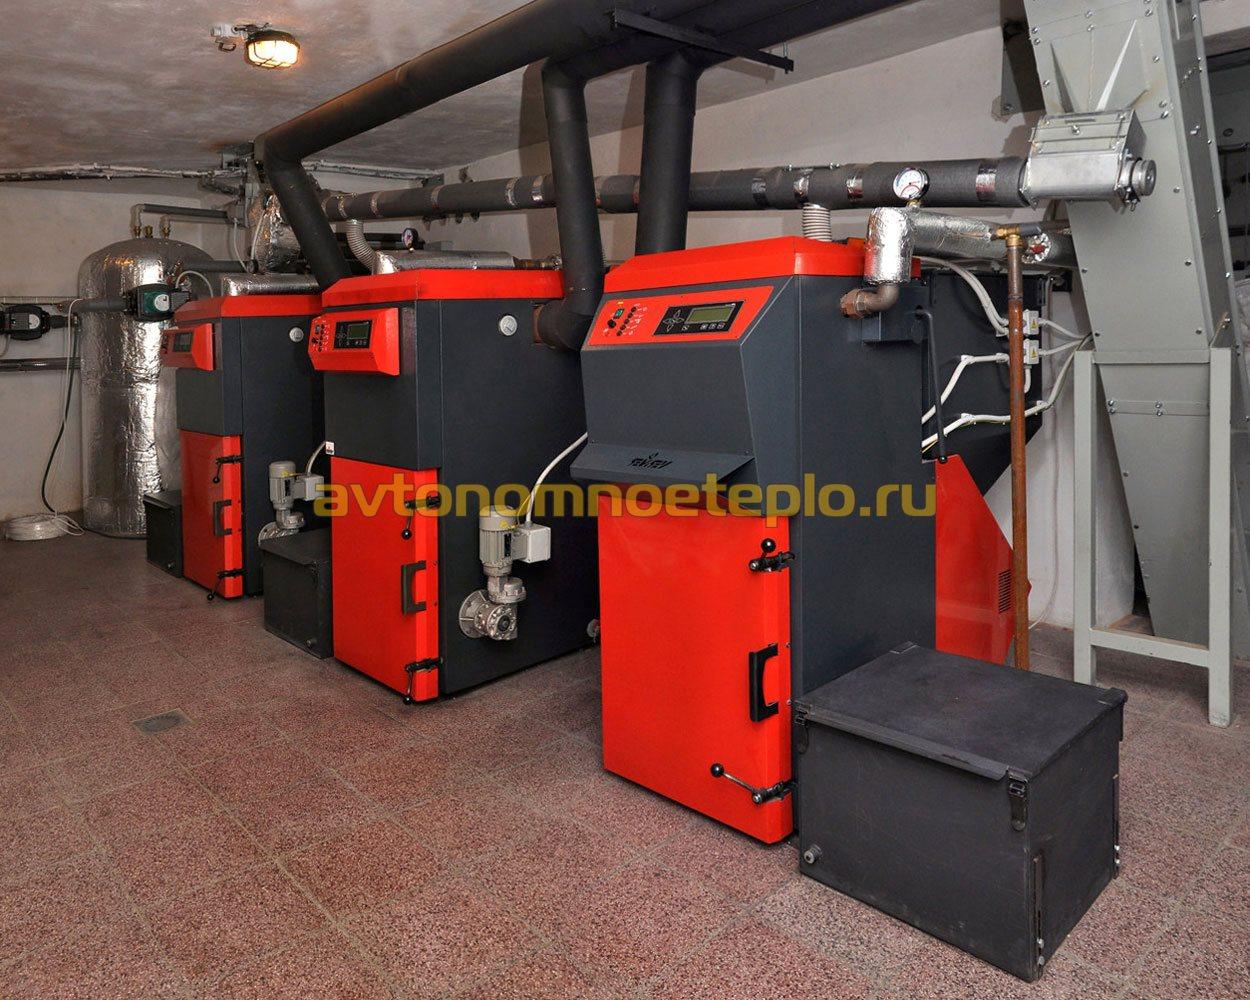 Chaudiere 24 kw tunisie devis de travaux en ligne gratuit for Prime leclerc chaudiere condensation